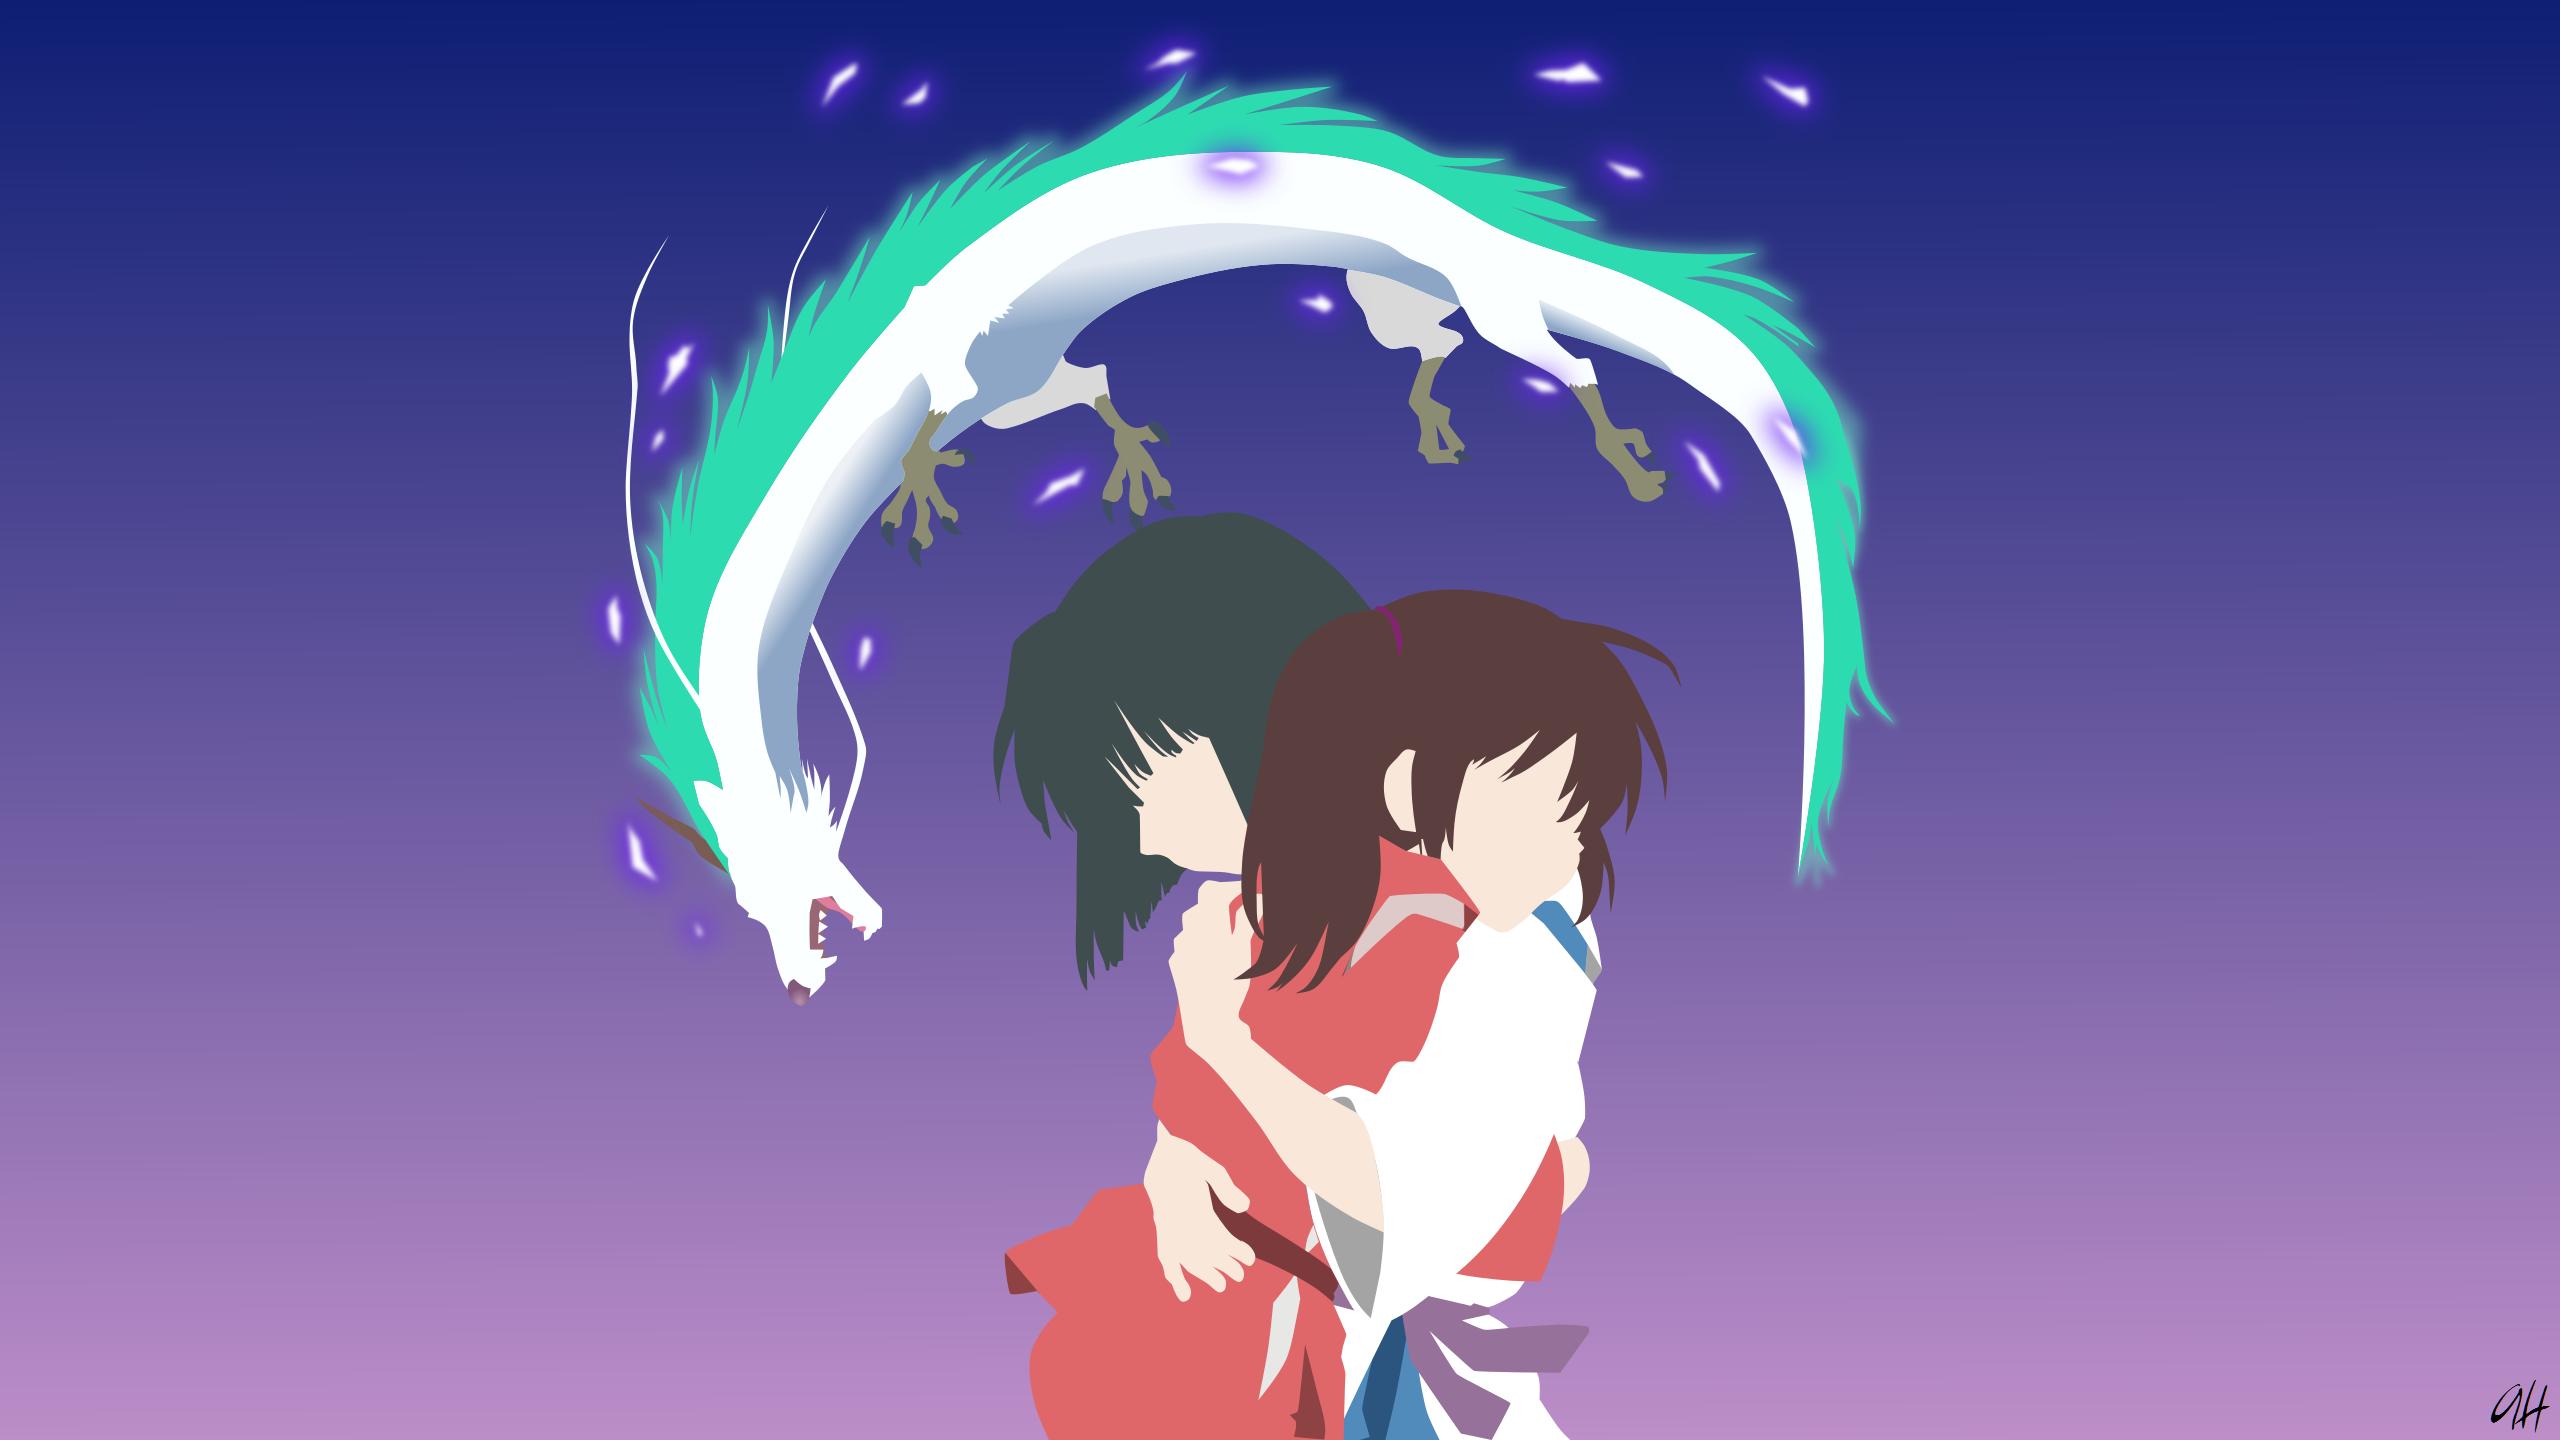 Spirited Away Chihiro Spirited Away Haku Spirited Away Anime Minimalist Wallpaper Resolution 2560x1440 Id 324095 Wallha Com